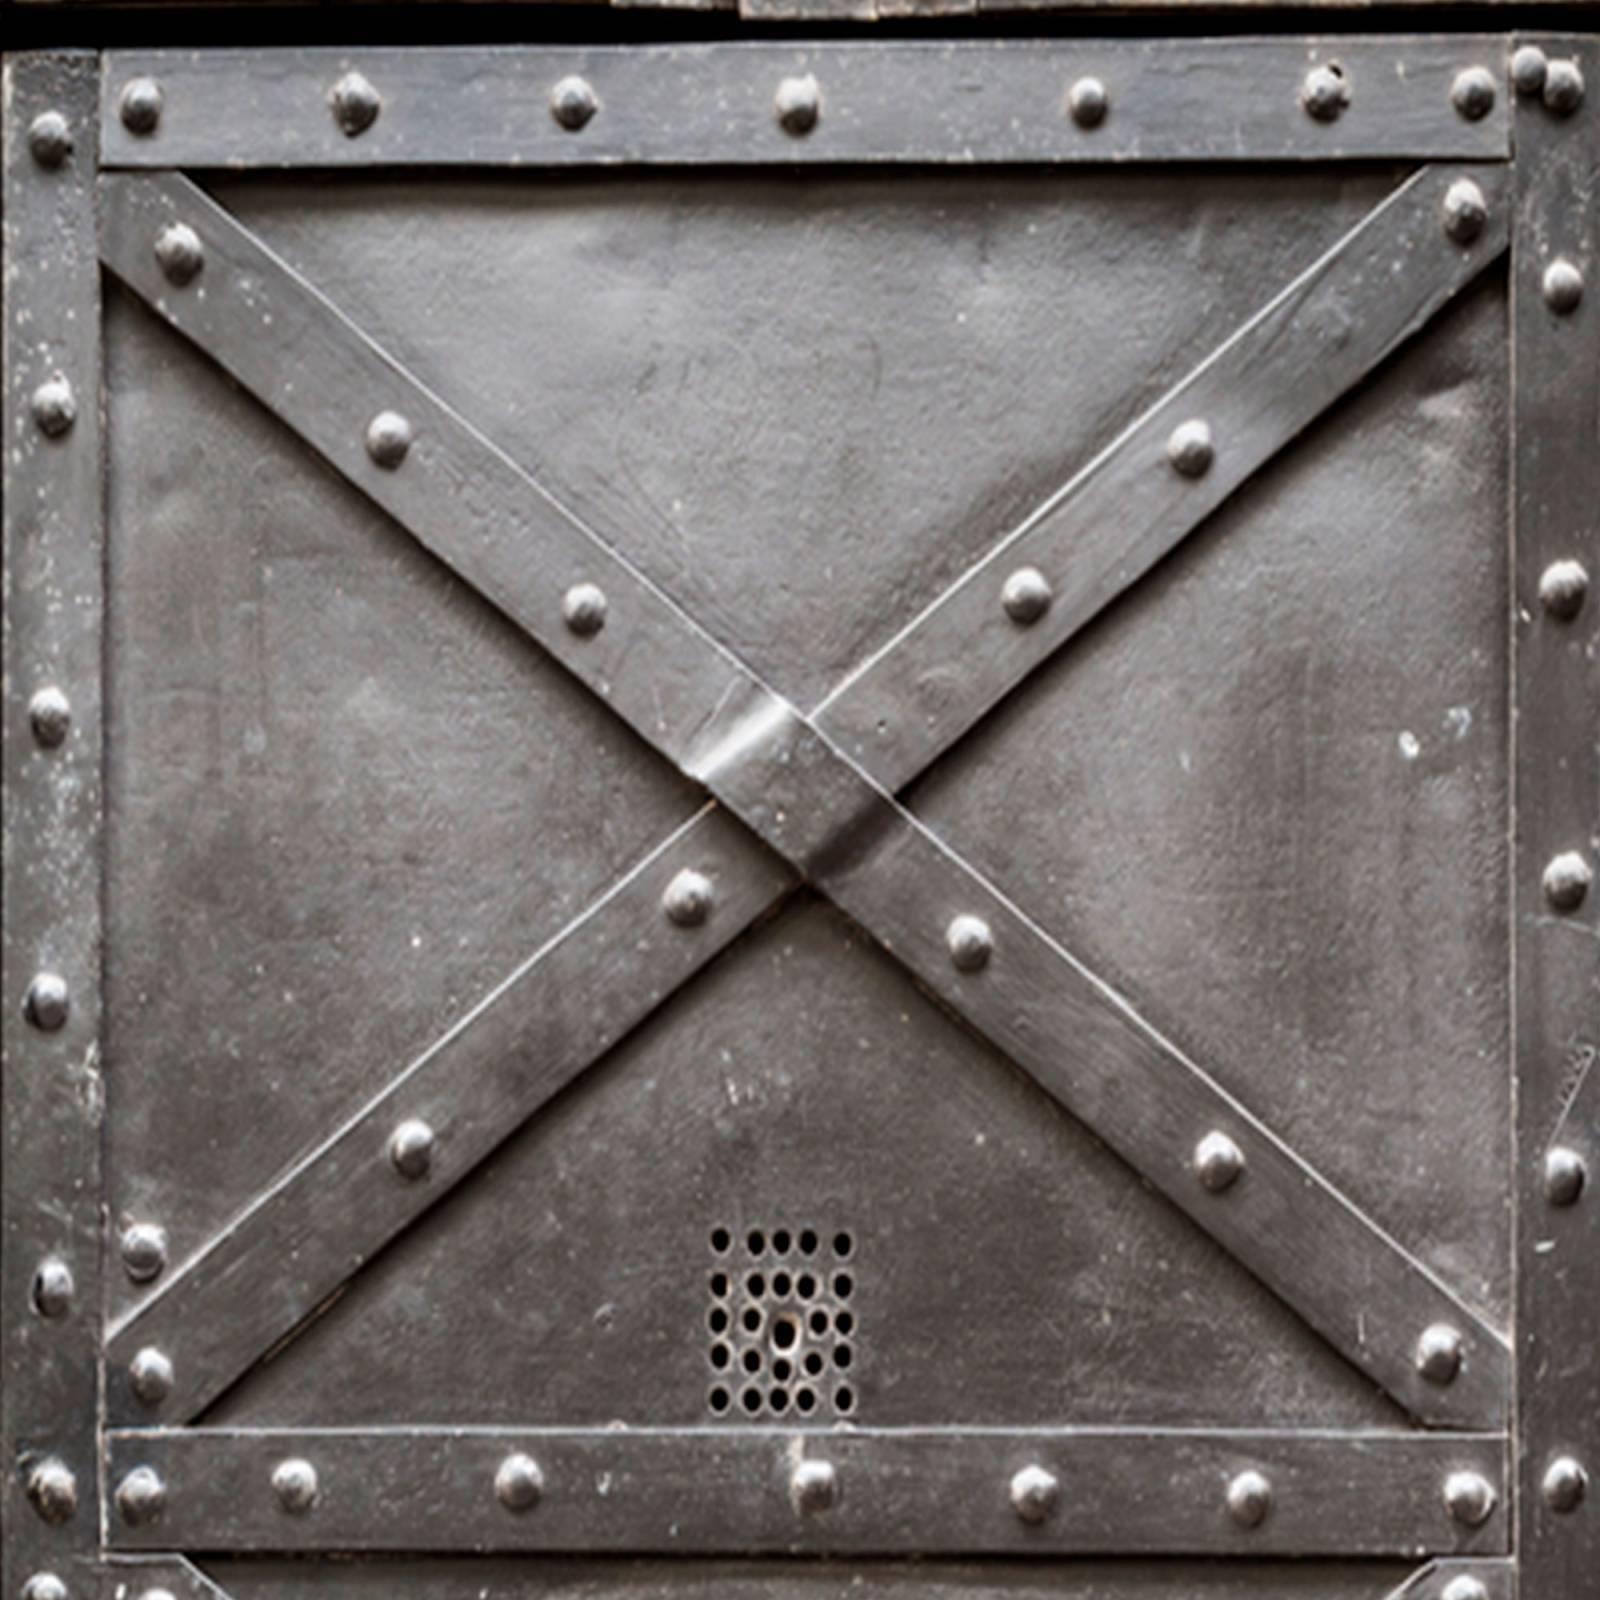 Adesivo Porta de Ferro Envelhecida Preta imagem 2